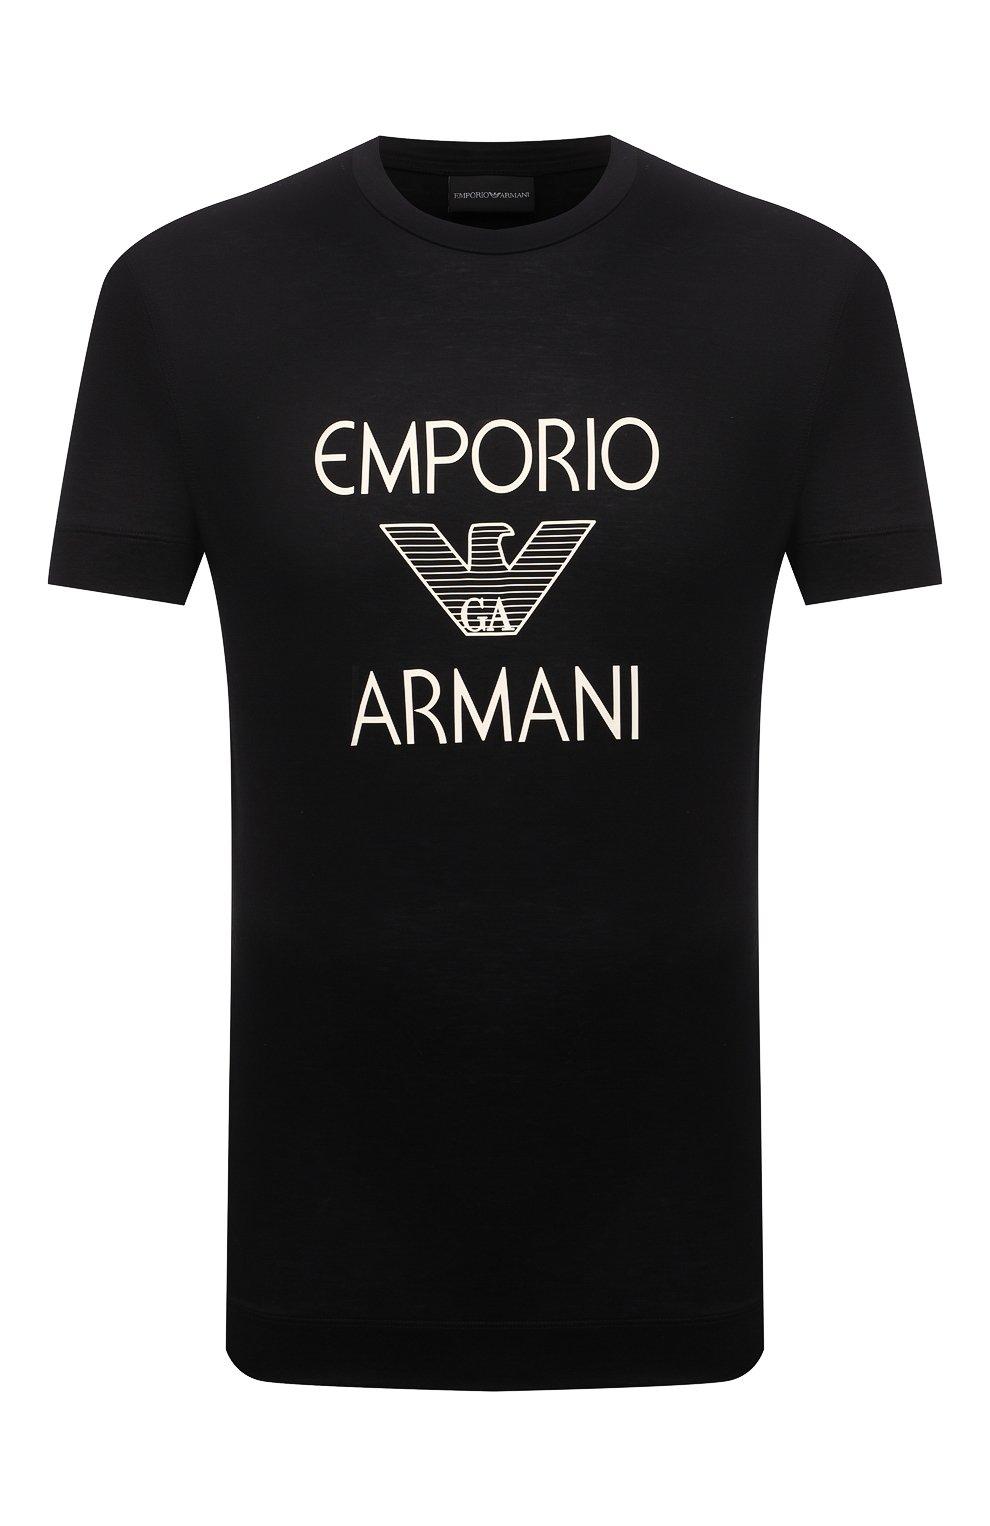 Мужская футболка EMPORIO ARMANI черного цвета, арт. 3K1TAF/1JUVZ   Фото 1 (Рукава: Короткие; Длина (для топов): Стандартные; Принт: С принтом; Материал внешний: Хлопок, Лиоцелл; Стили: Кэжуэл)